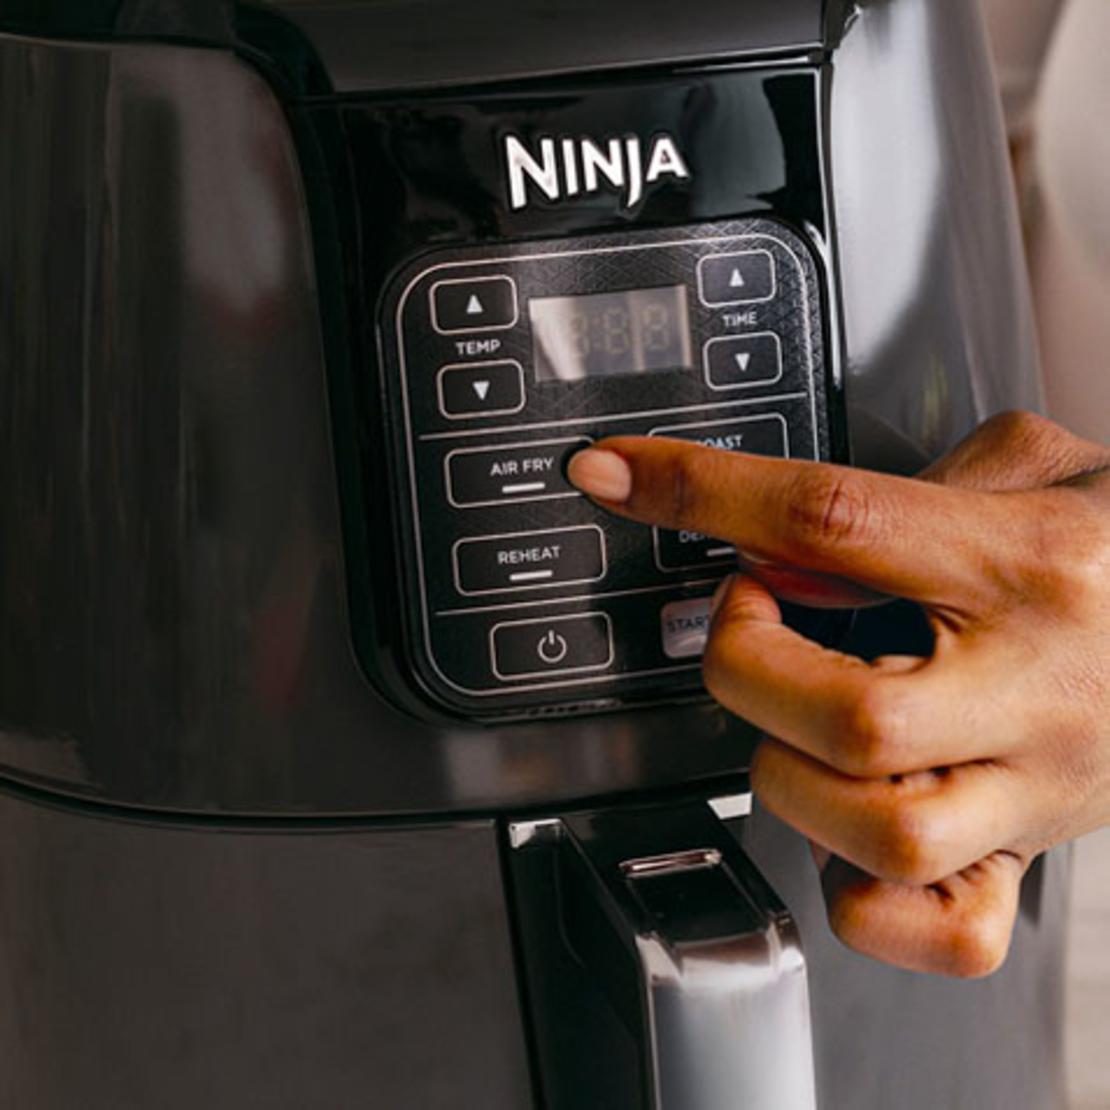 סיר טיגון ללא שמן 4 ב-1 נינג'ה - NINJA